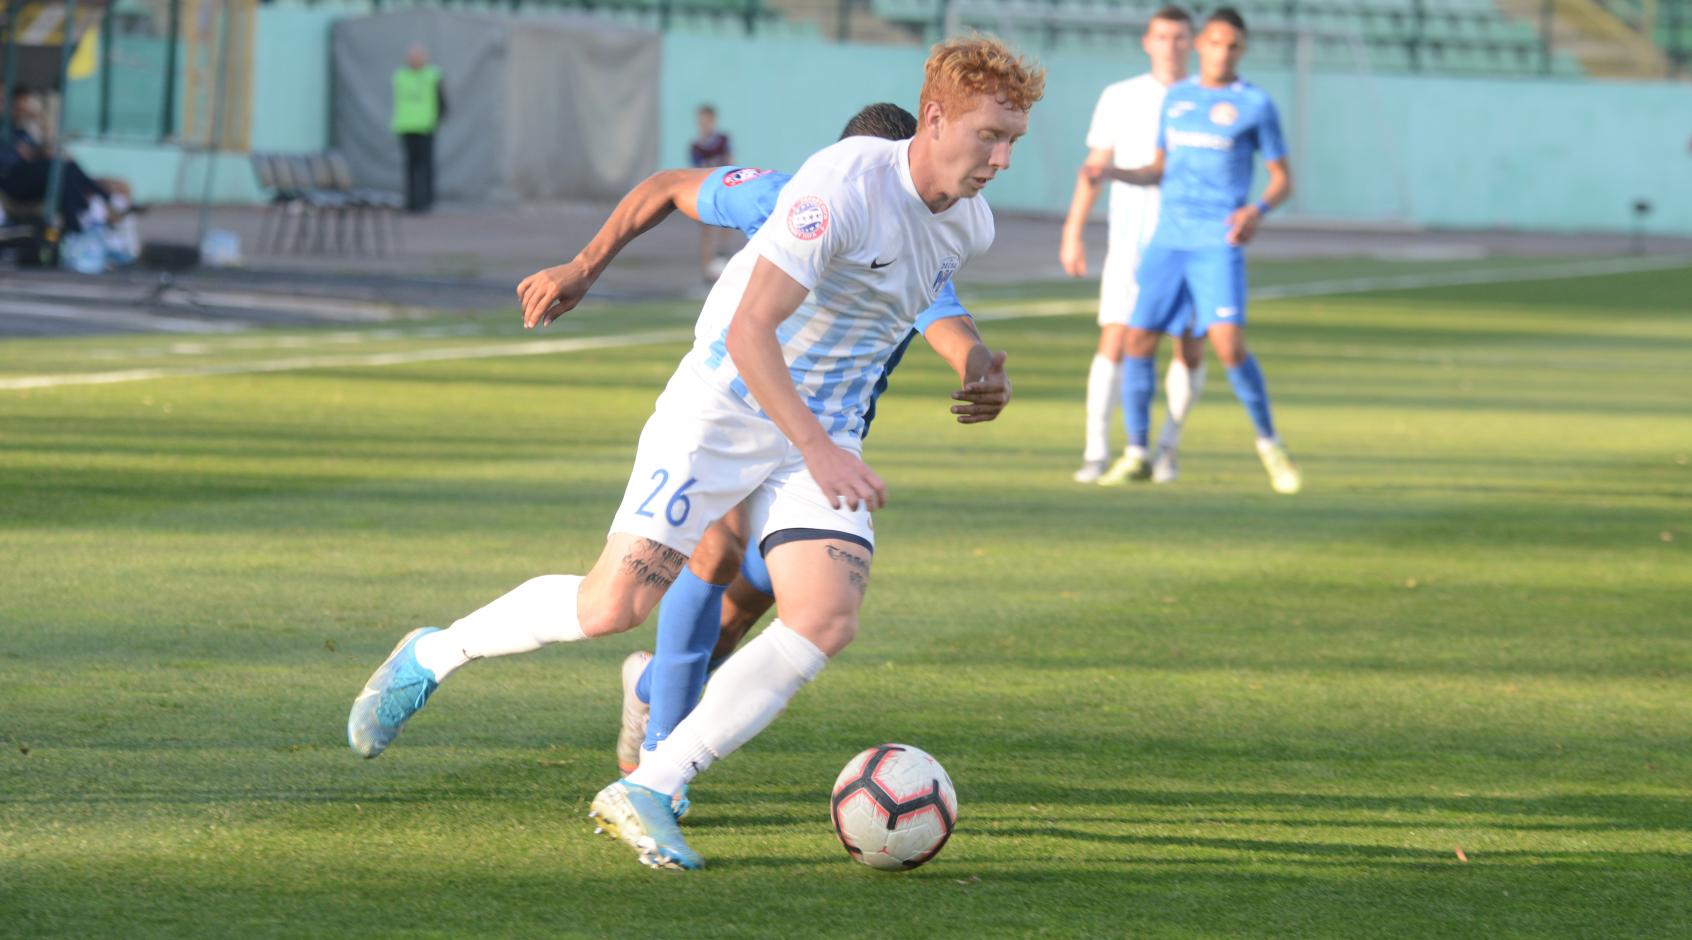 Молодые таланты УПЛ, или кто раскрылся в минувшем сезоне чемпионата Украины: часть первая - изображение 9